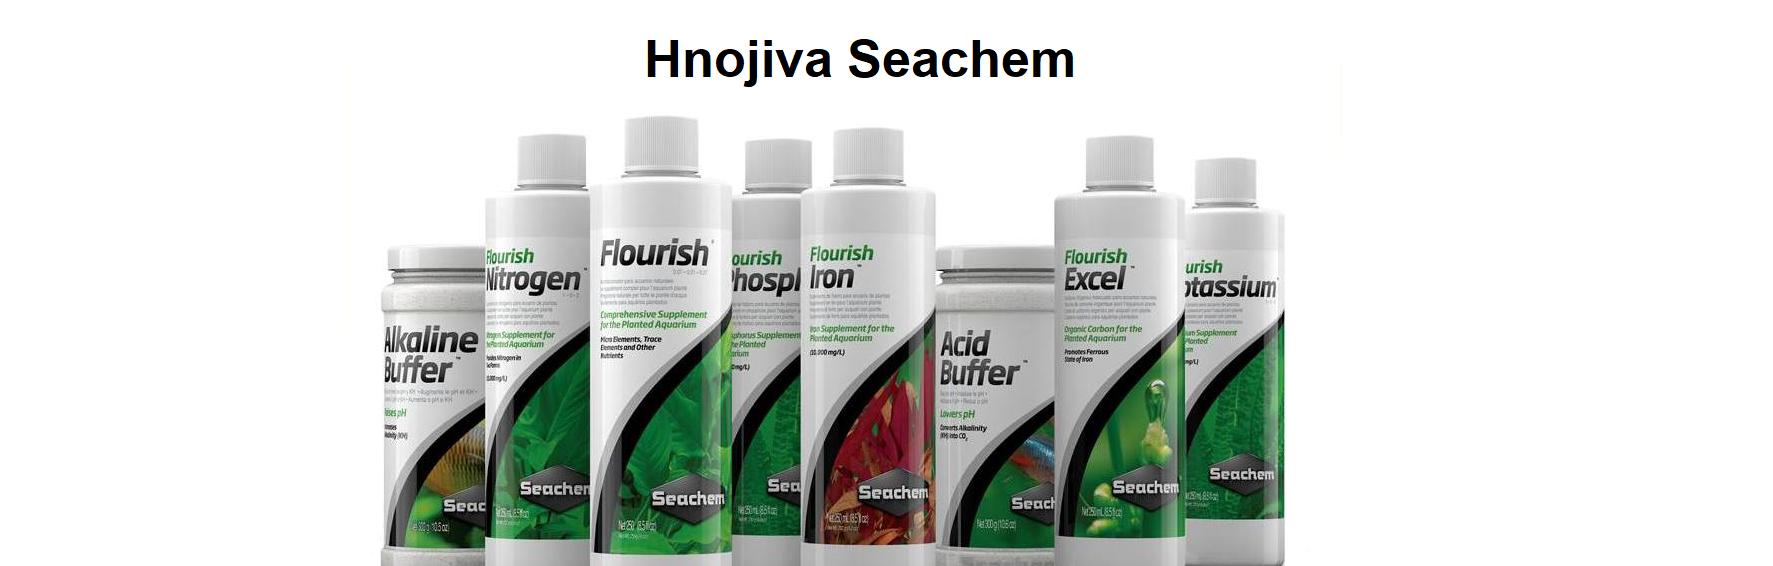 Hnojiva Seachem